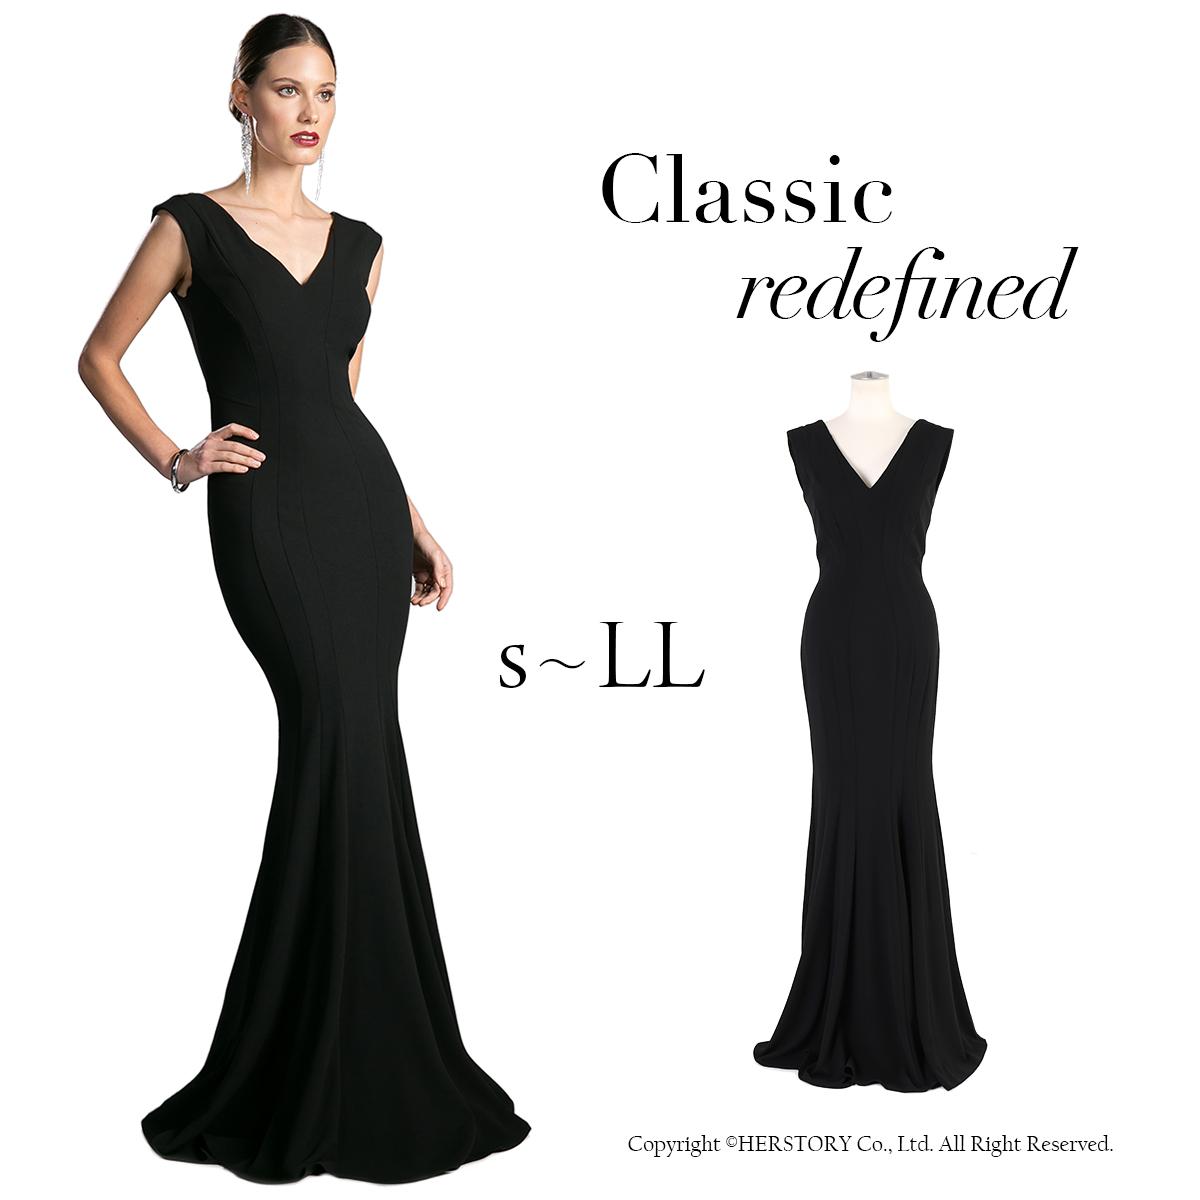 美を極めた マーメイド ブラック ドレス 高級 演奏会 発表会 ステージドレス ロングドレス セクシー FD-230035